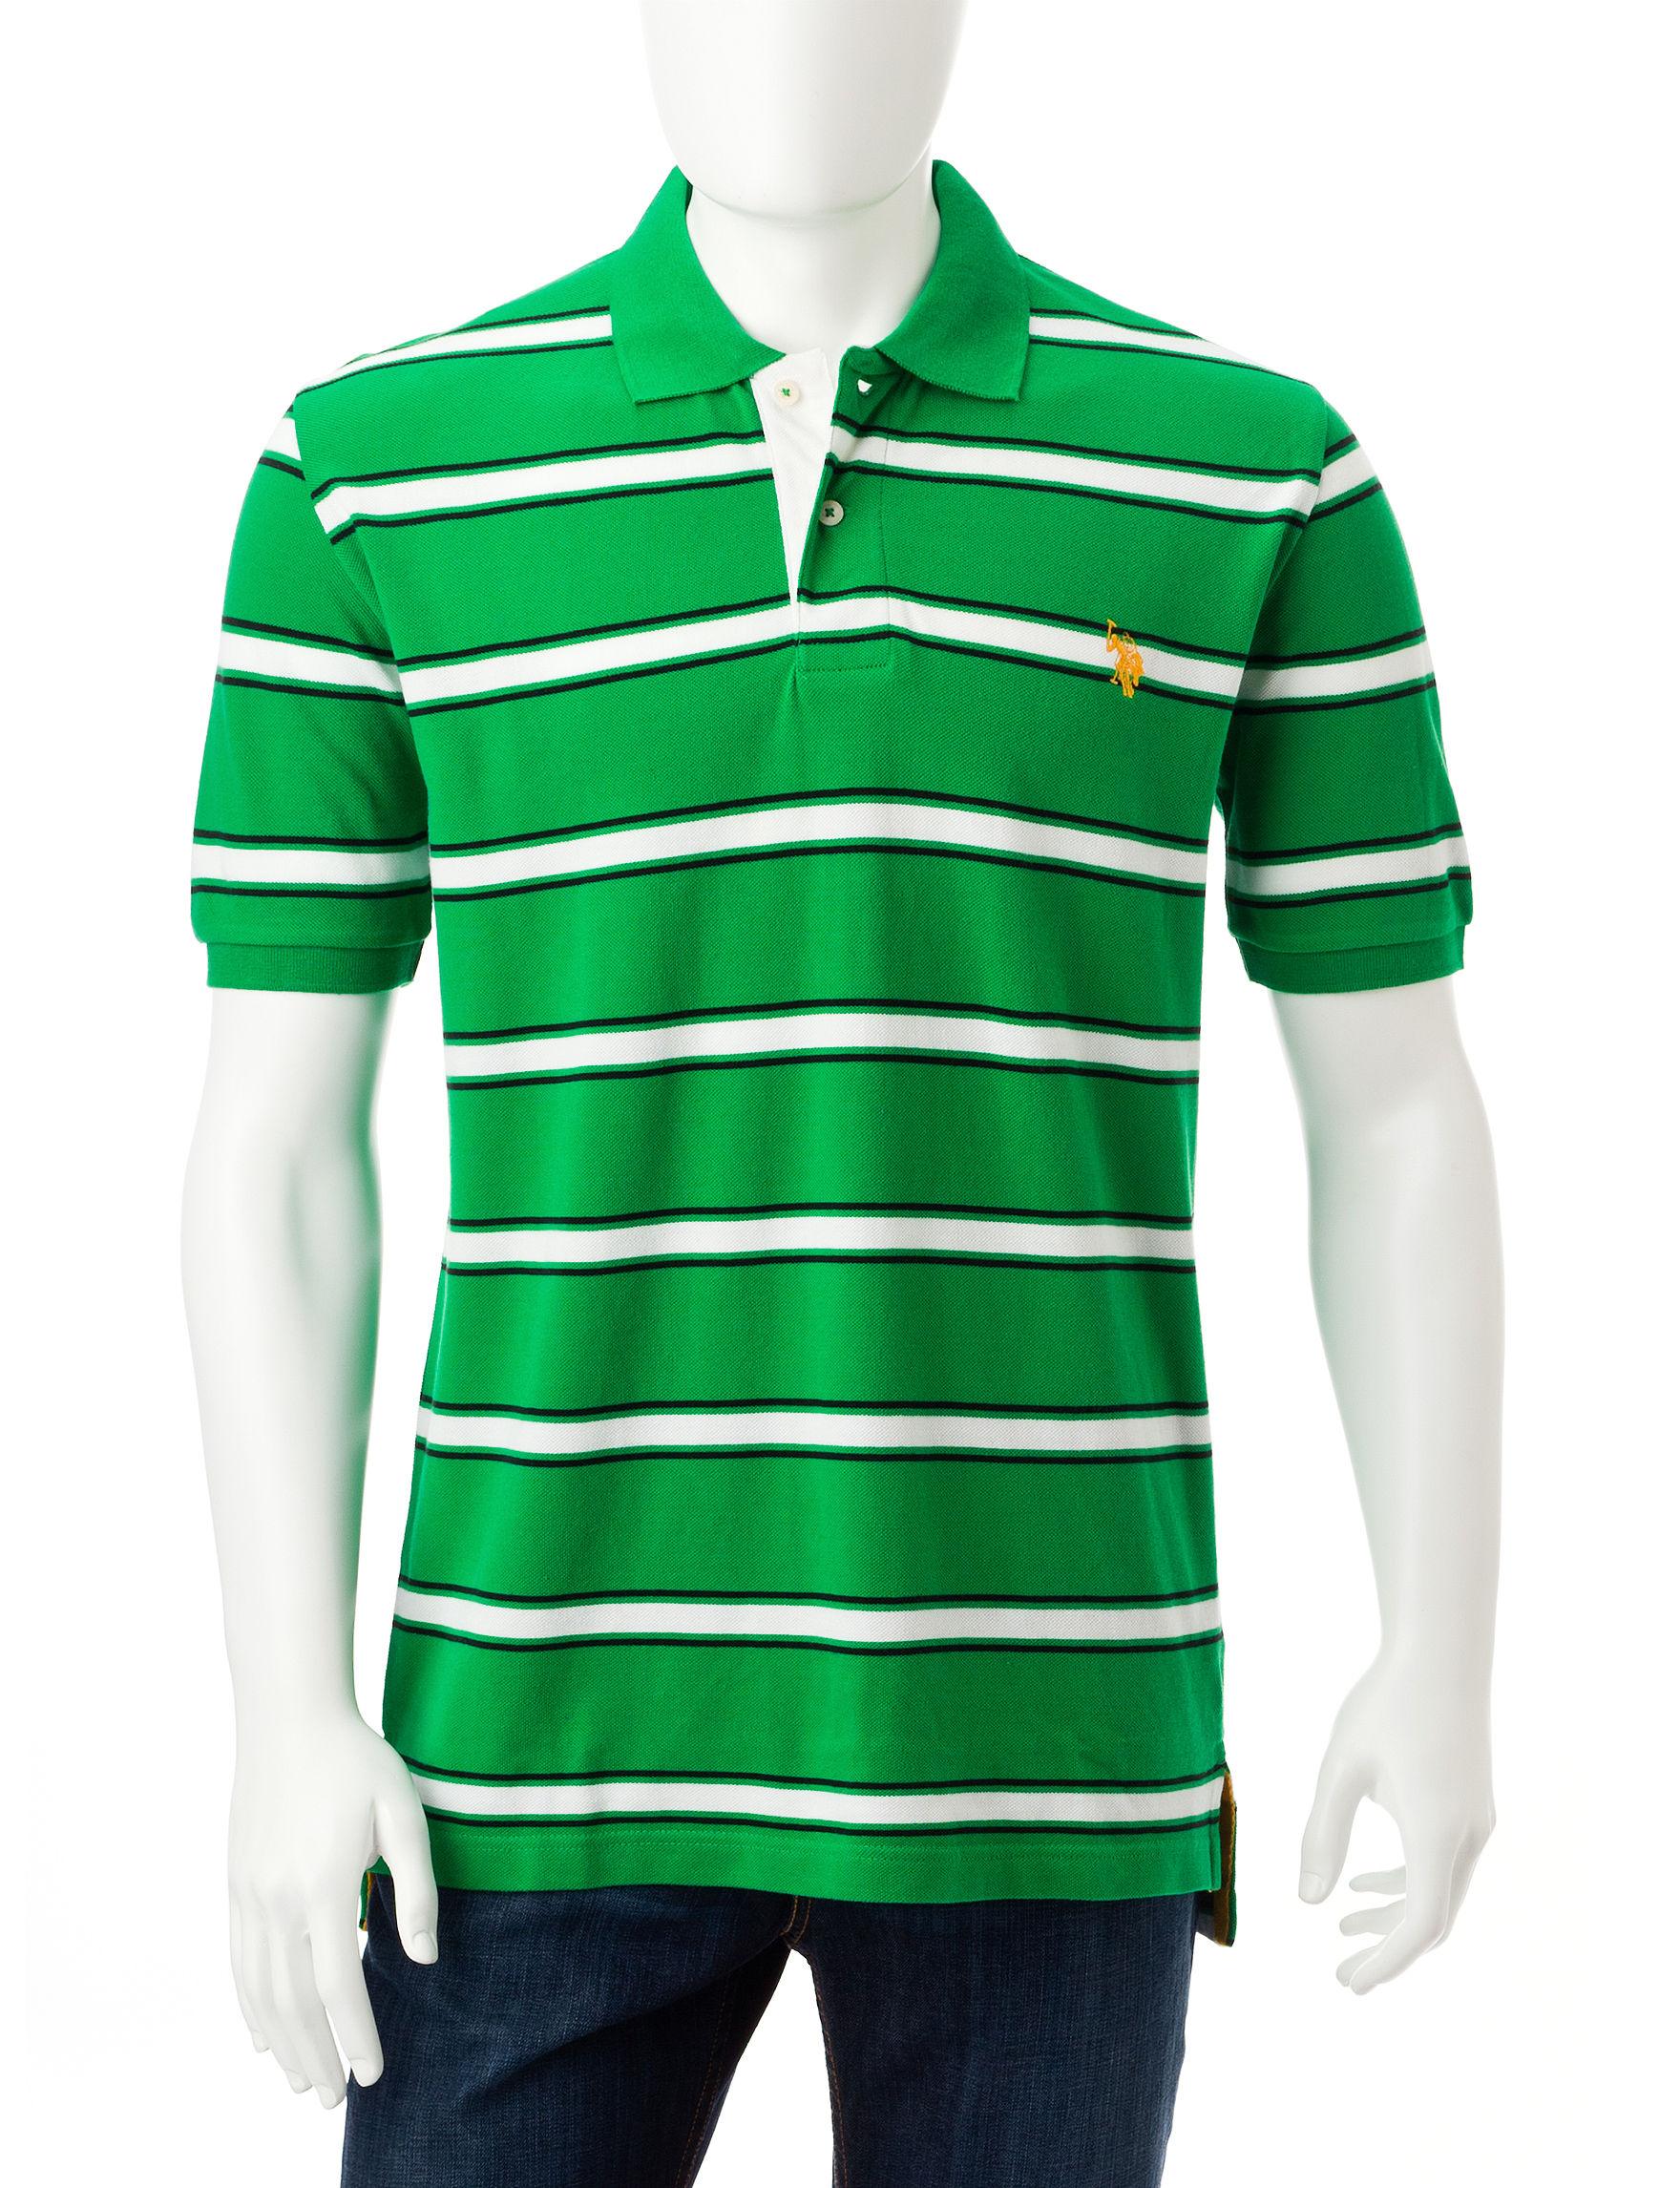 U.S. Polo Assn. Green Polos